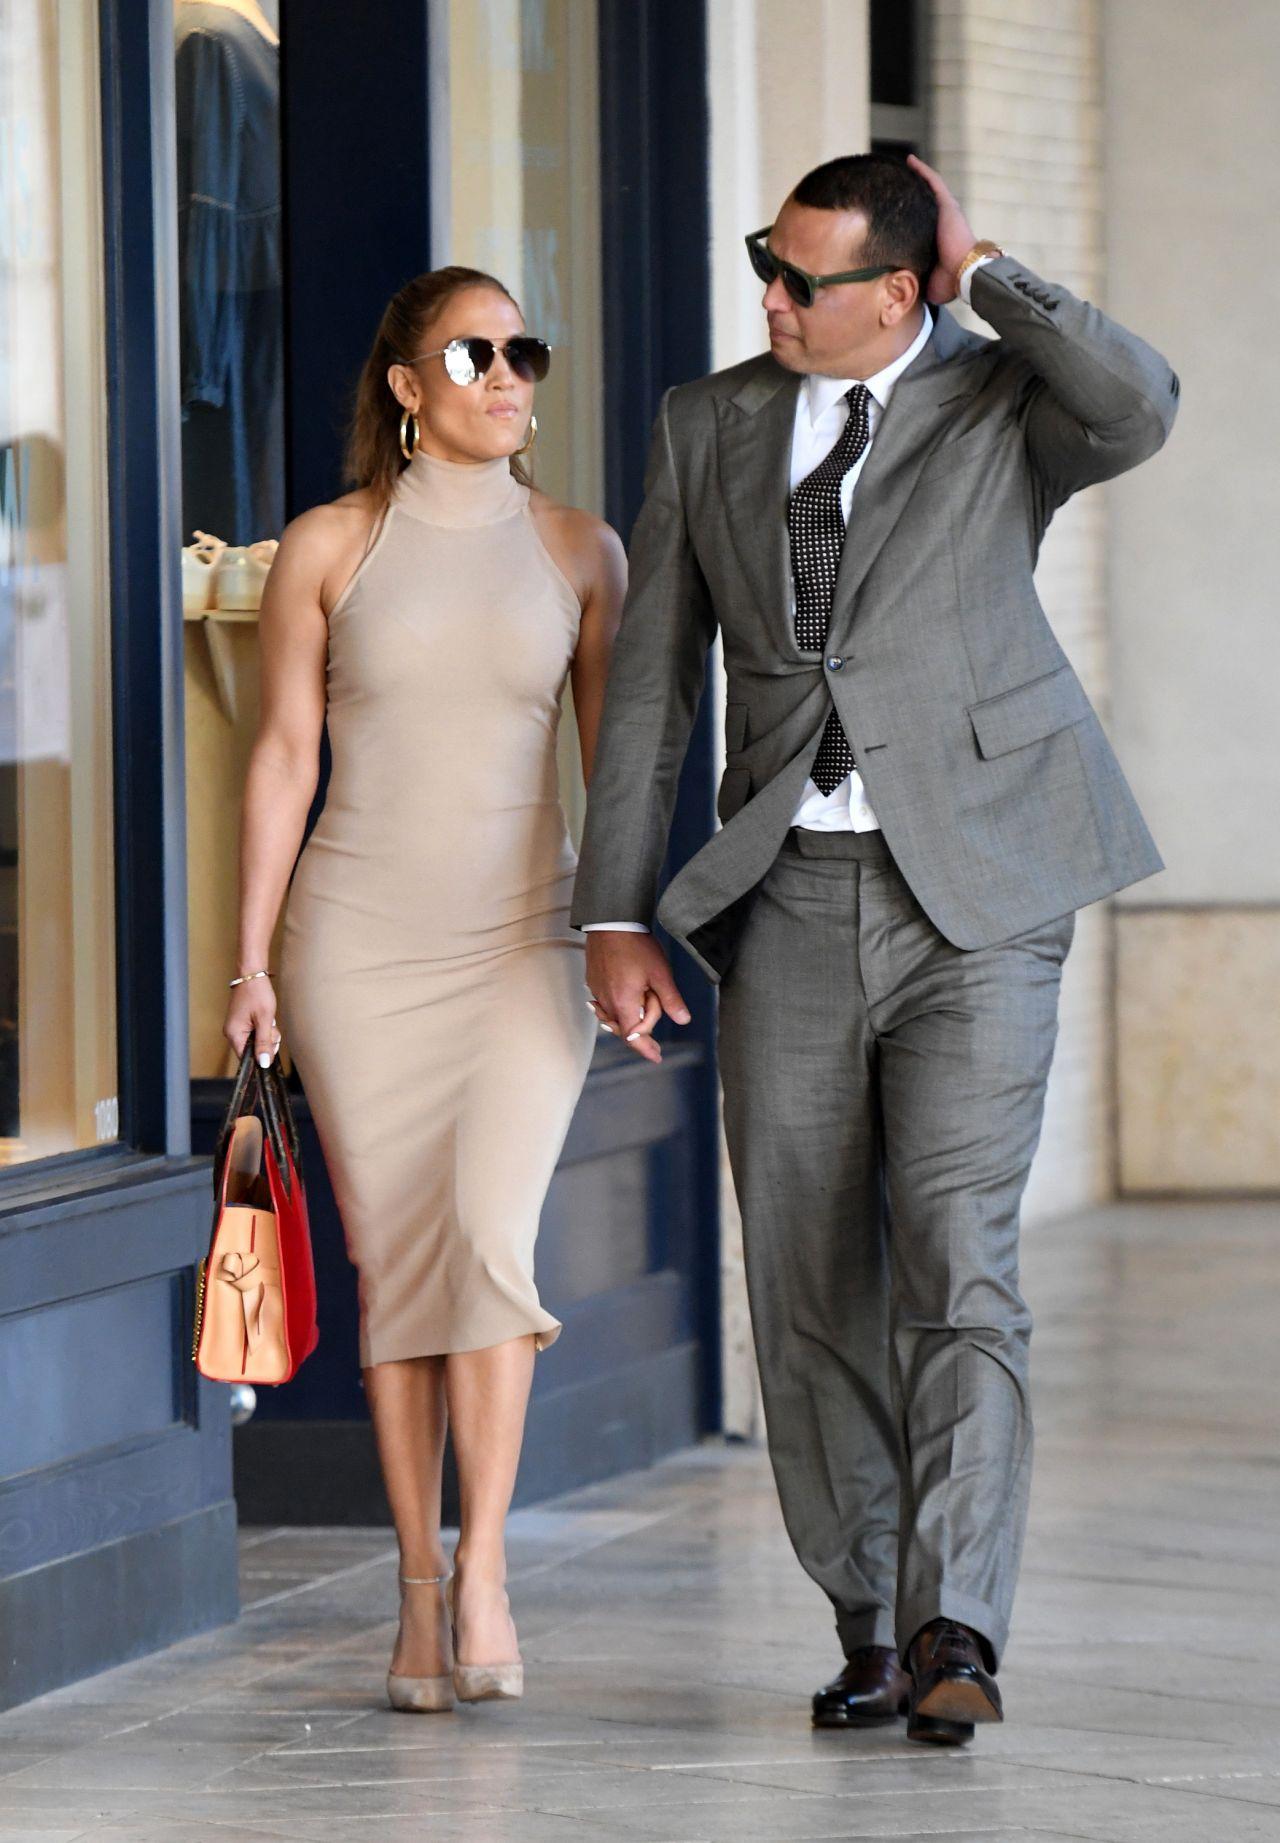 Jennifer Lopez: Shopping for jewelry in Miami -05 | GotCeleb